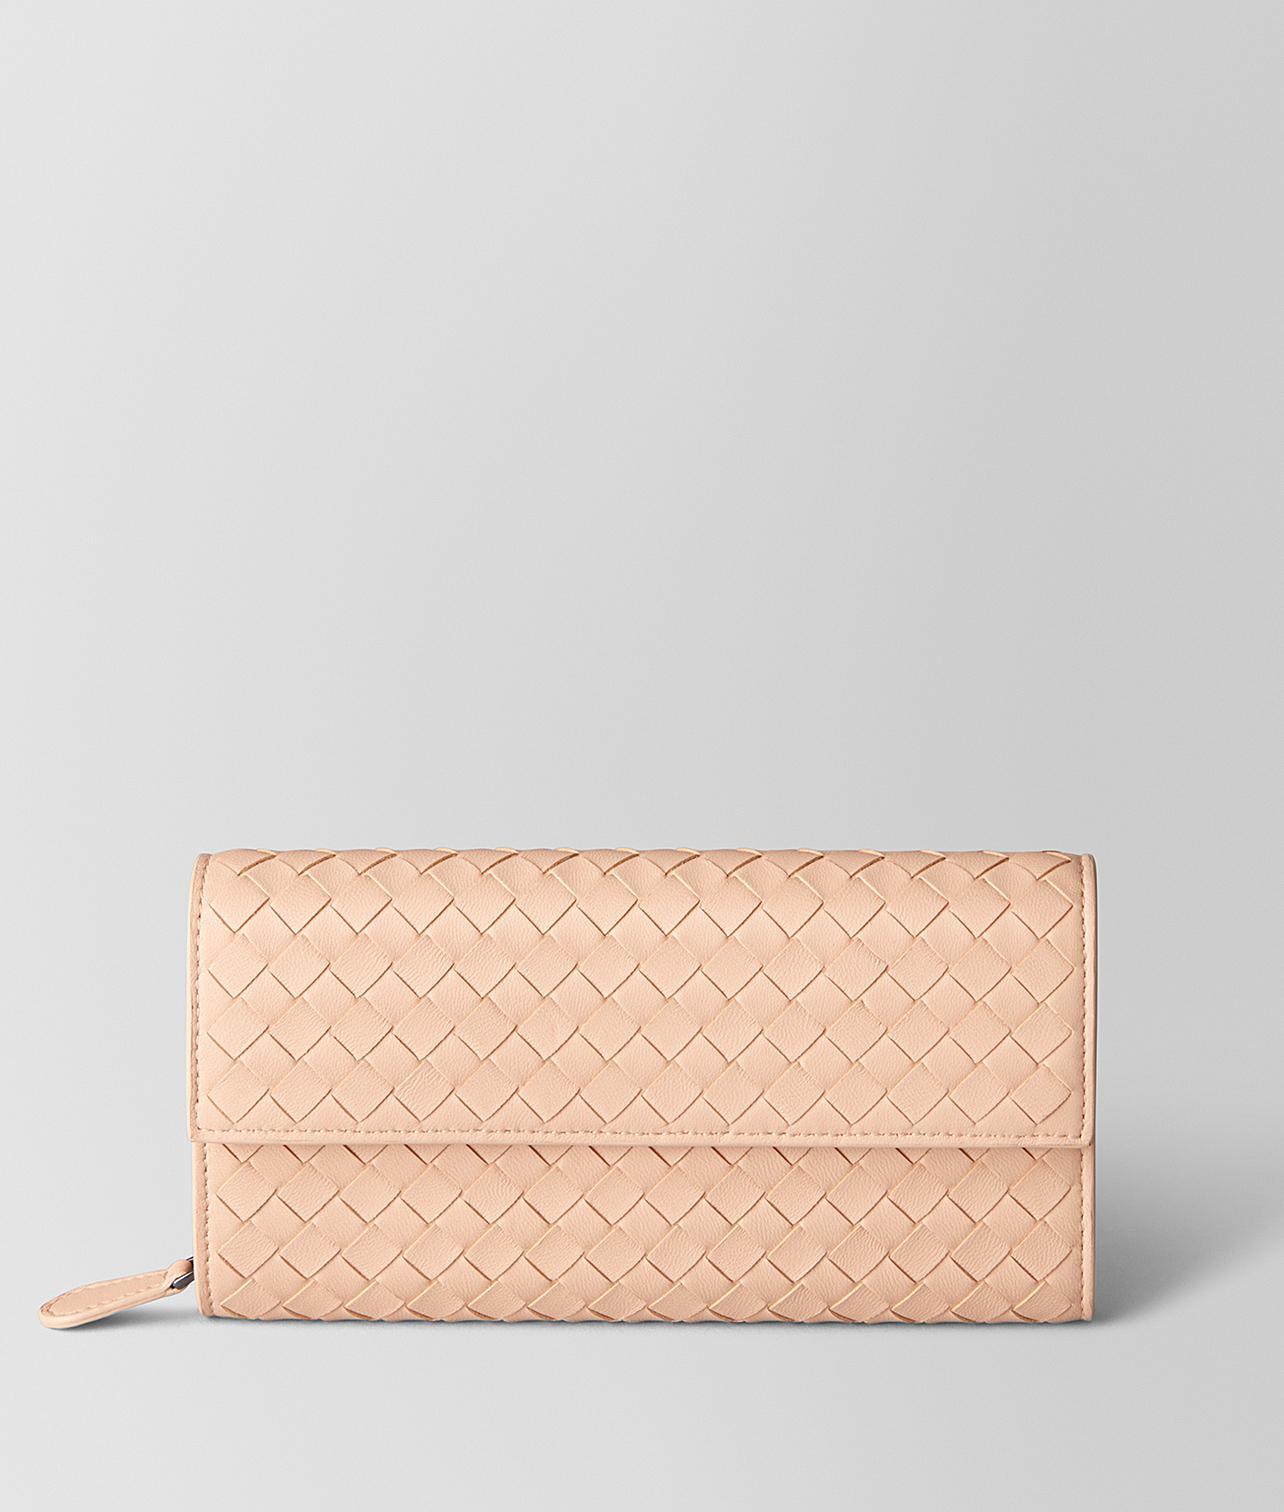 54f400de4502 Bottega Veneta Peach Rose Intrecciato Nappa Continental Wallet in ...